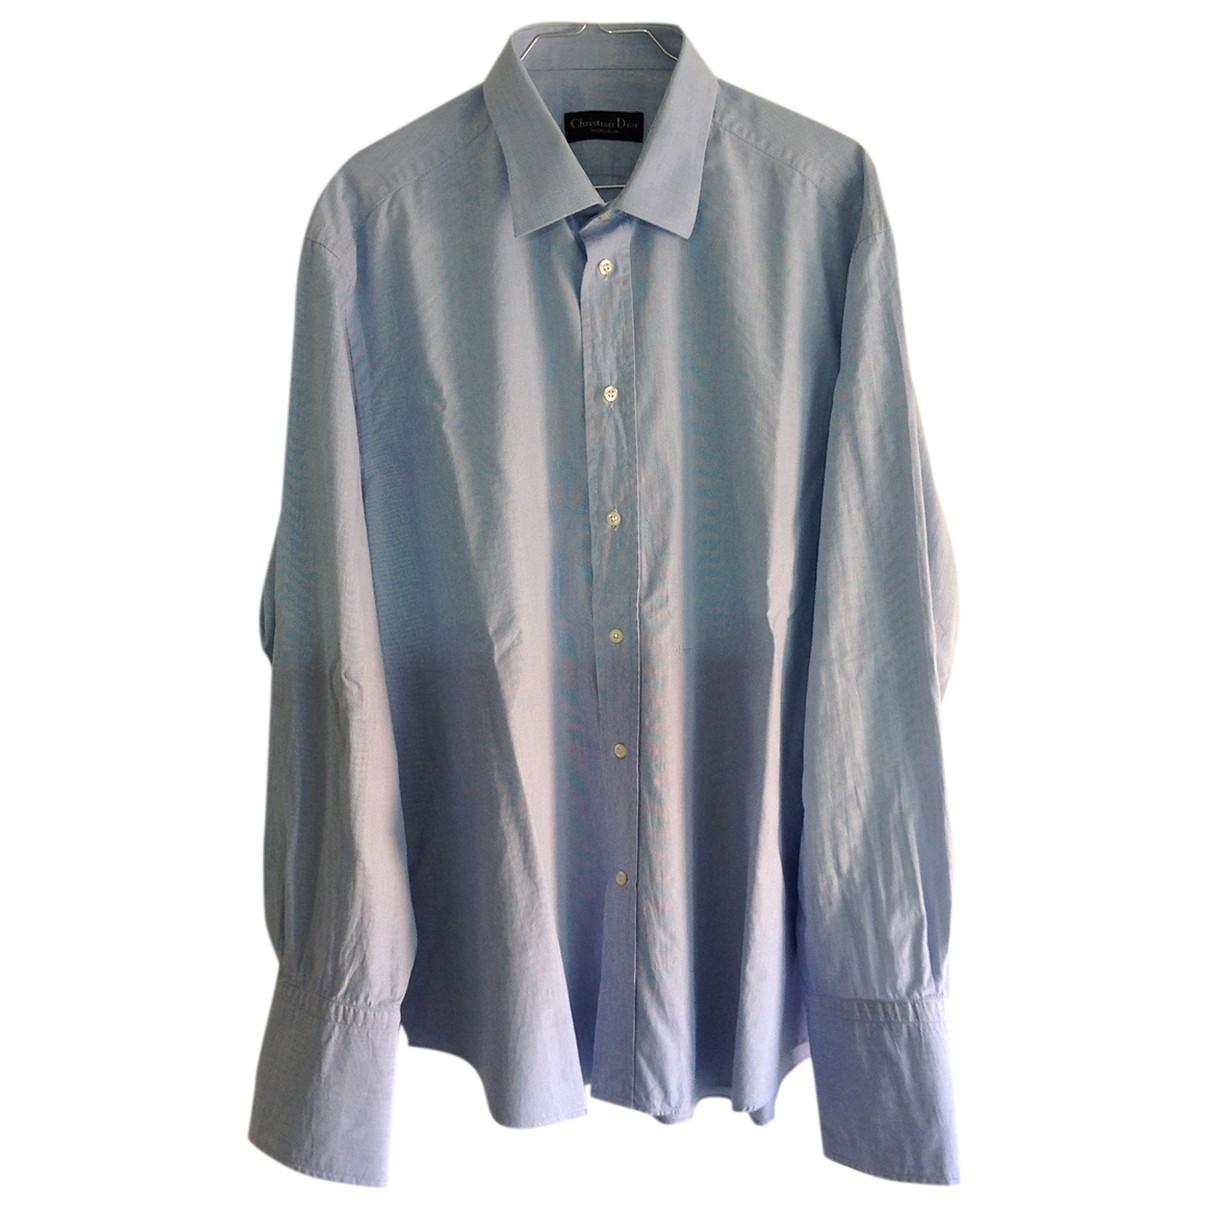 Dior \N Cotton Shirts for Men 43 EU (tour de cou / collar)